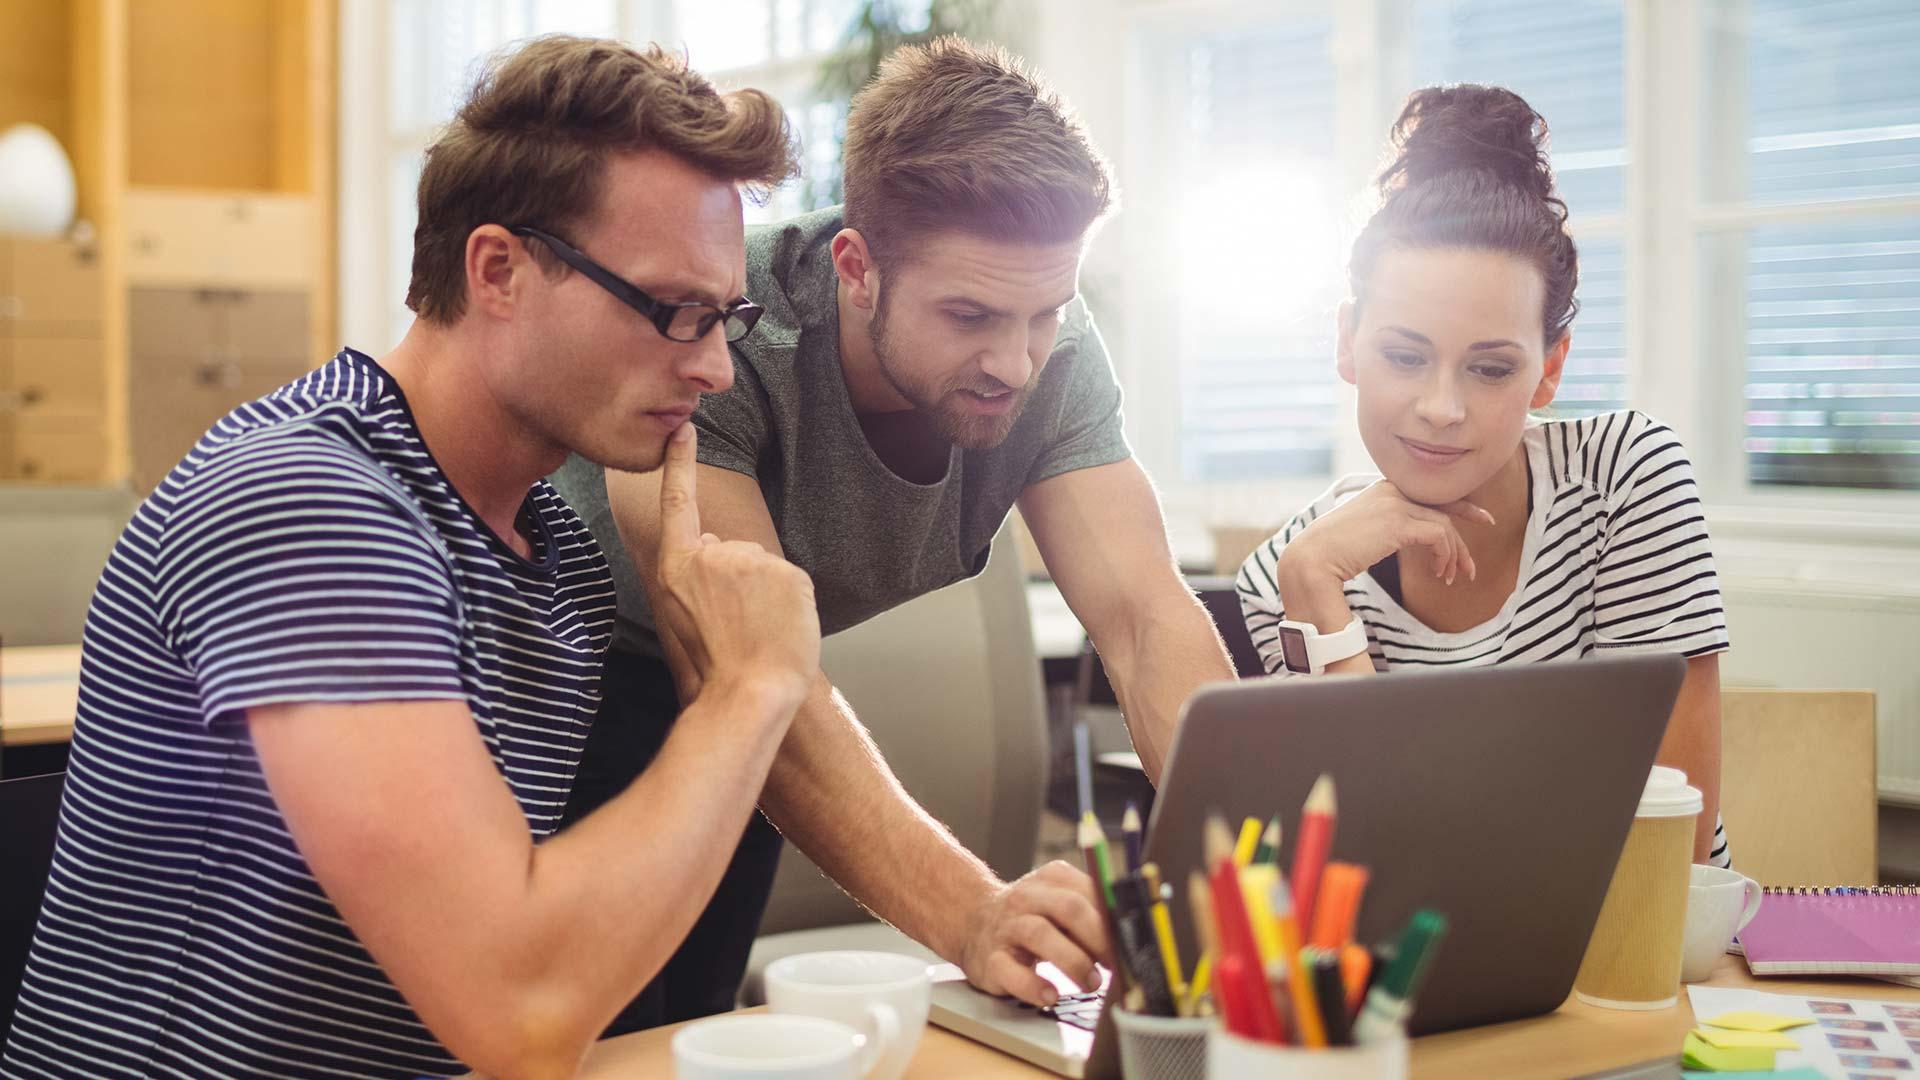 Branding-Agentur: 6 gute Gründe für die Lünstroth Markenagentur